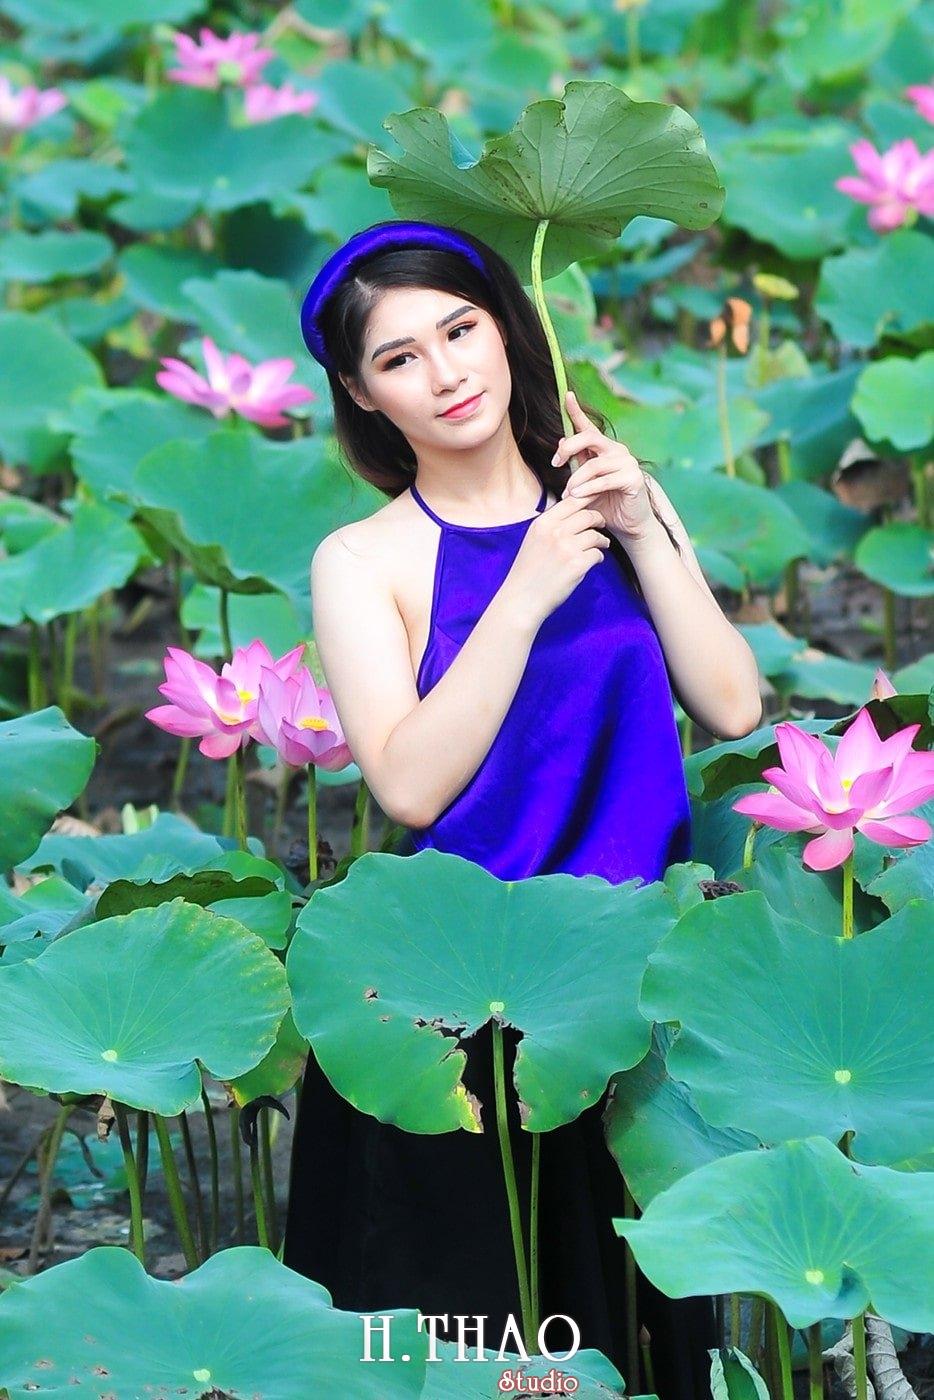 anh sen 10 - Bộ ảnh Sen với áo yếm đẹp nhẹ nhàng - HThao Studio